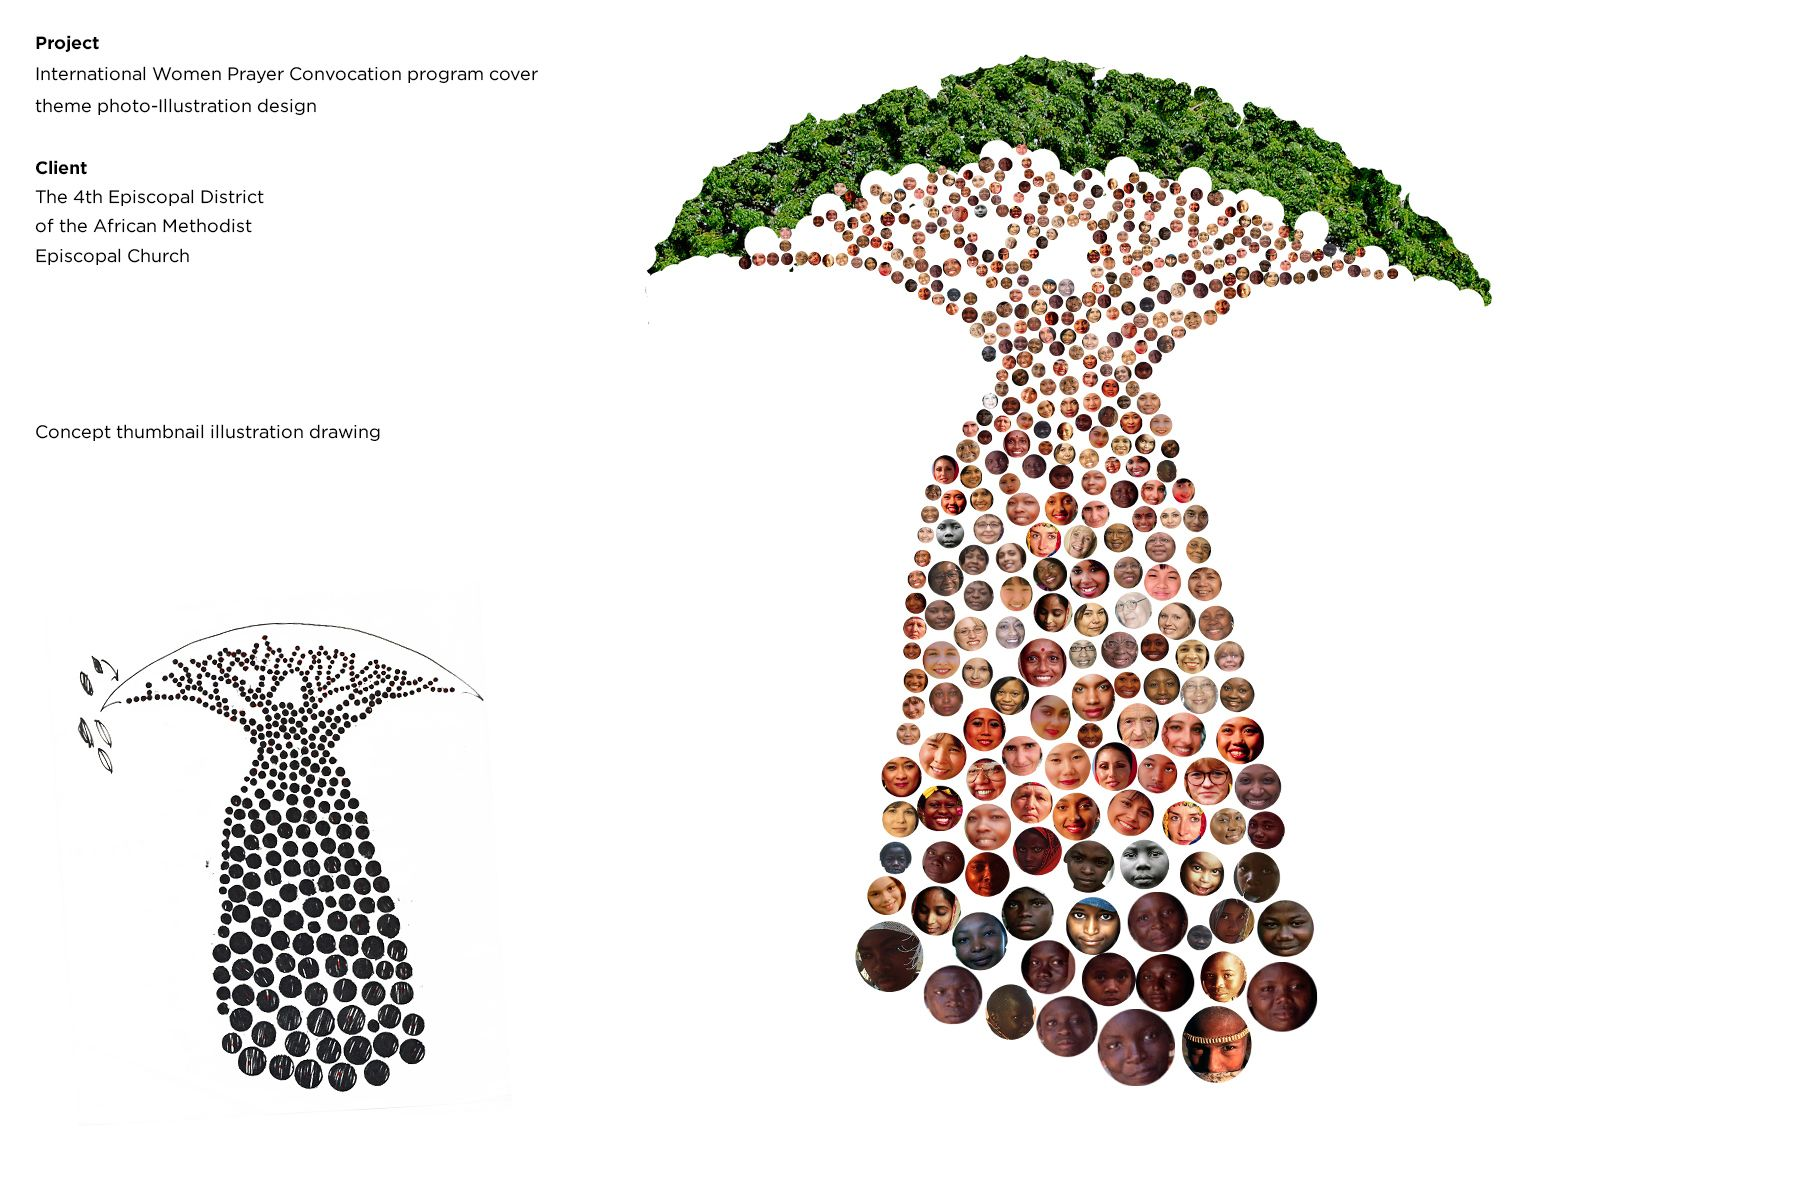 IWGC_BAOBOA-Tree.jpg